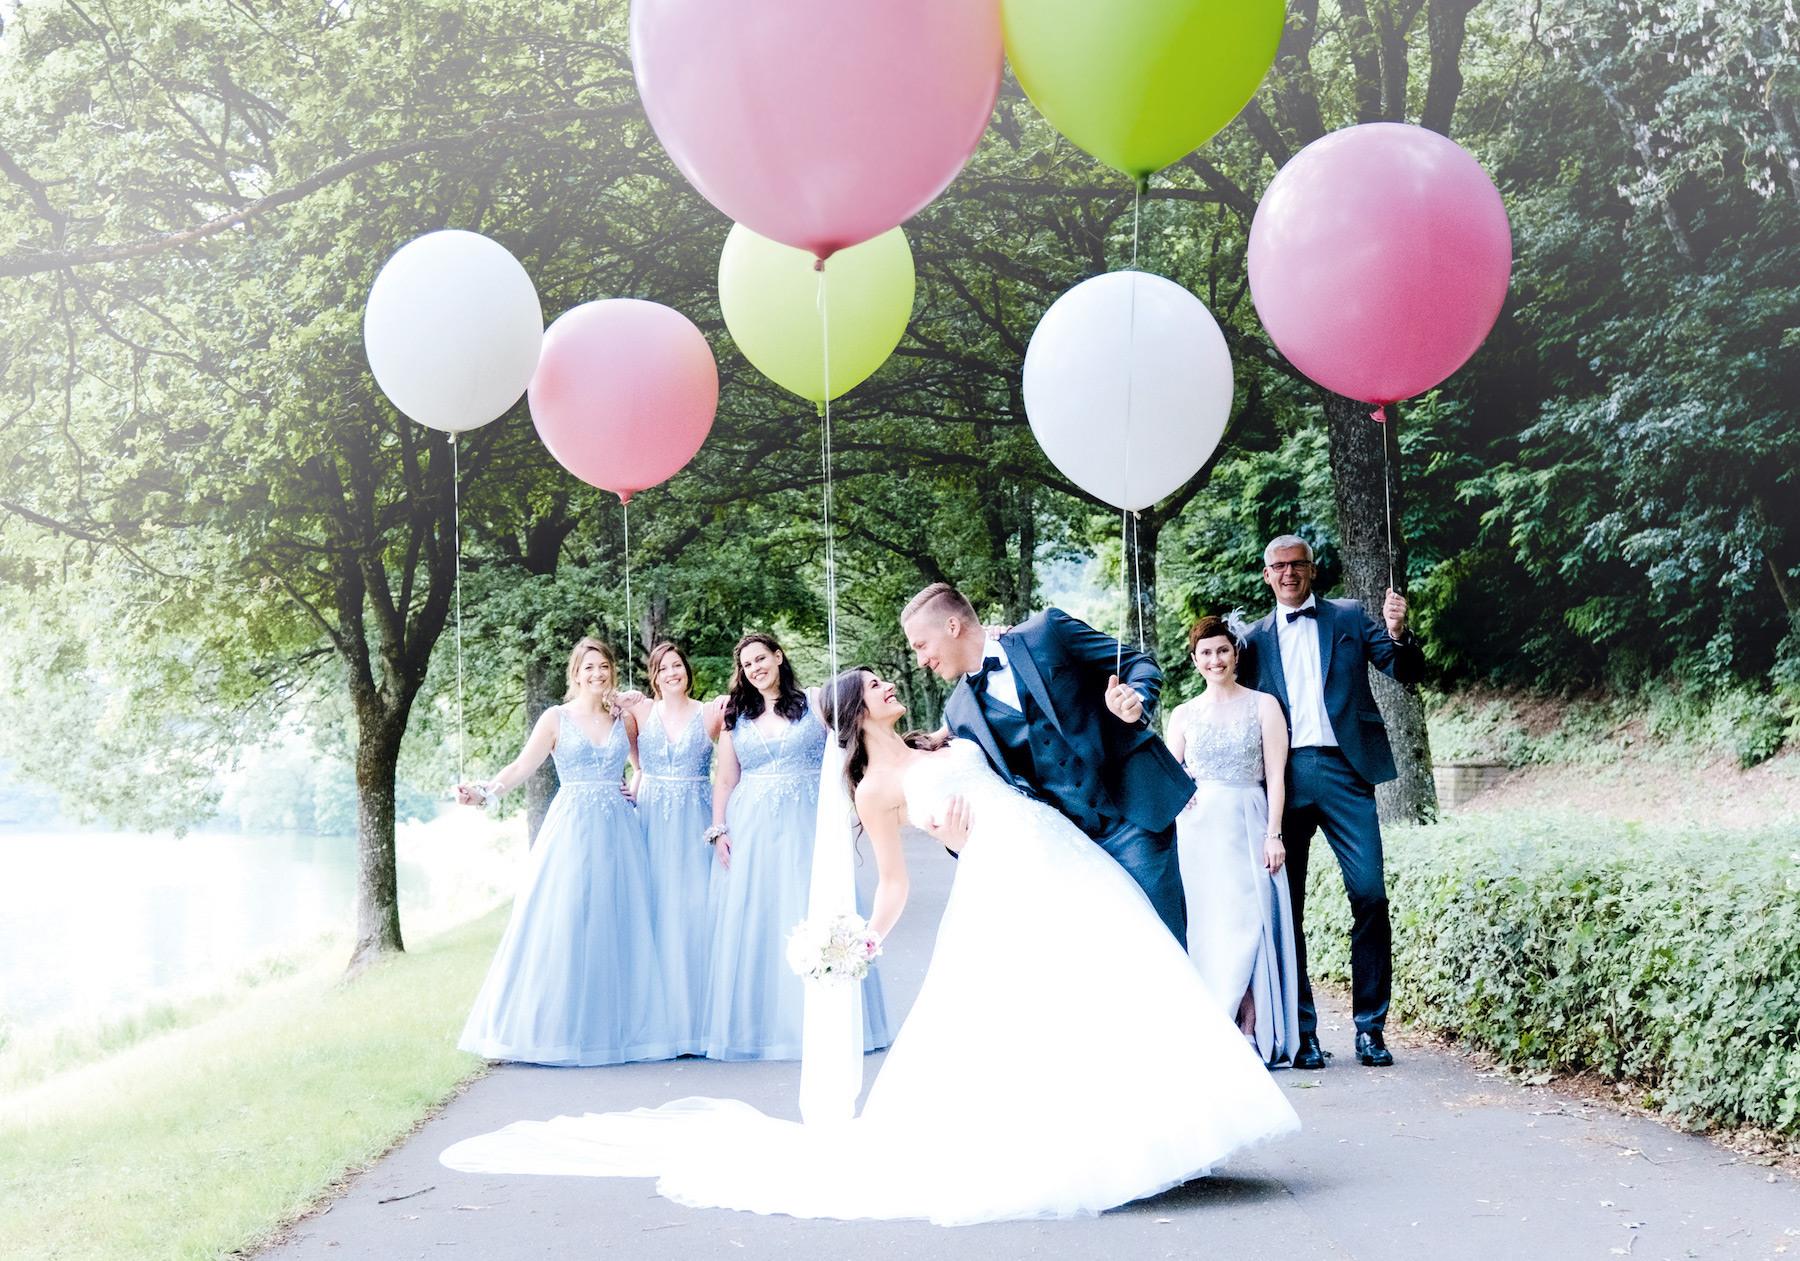 Brautkleider Hochzeit | Hochzeitshaus Trier, Luxemburg